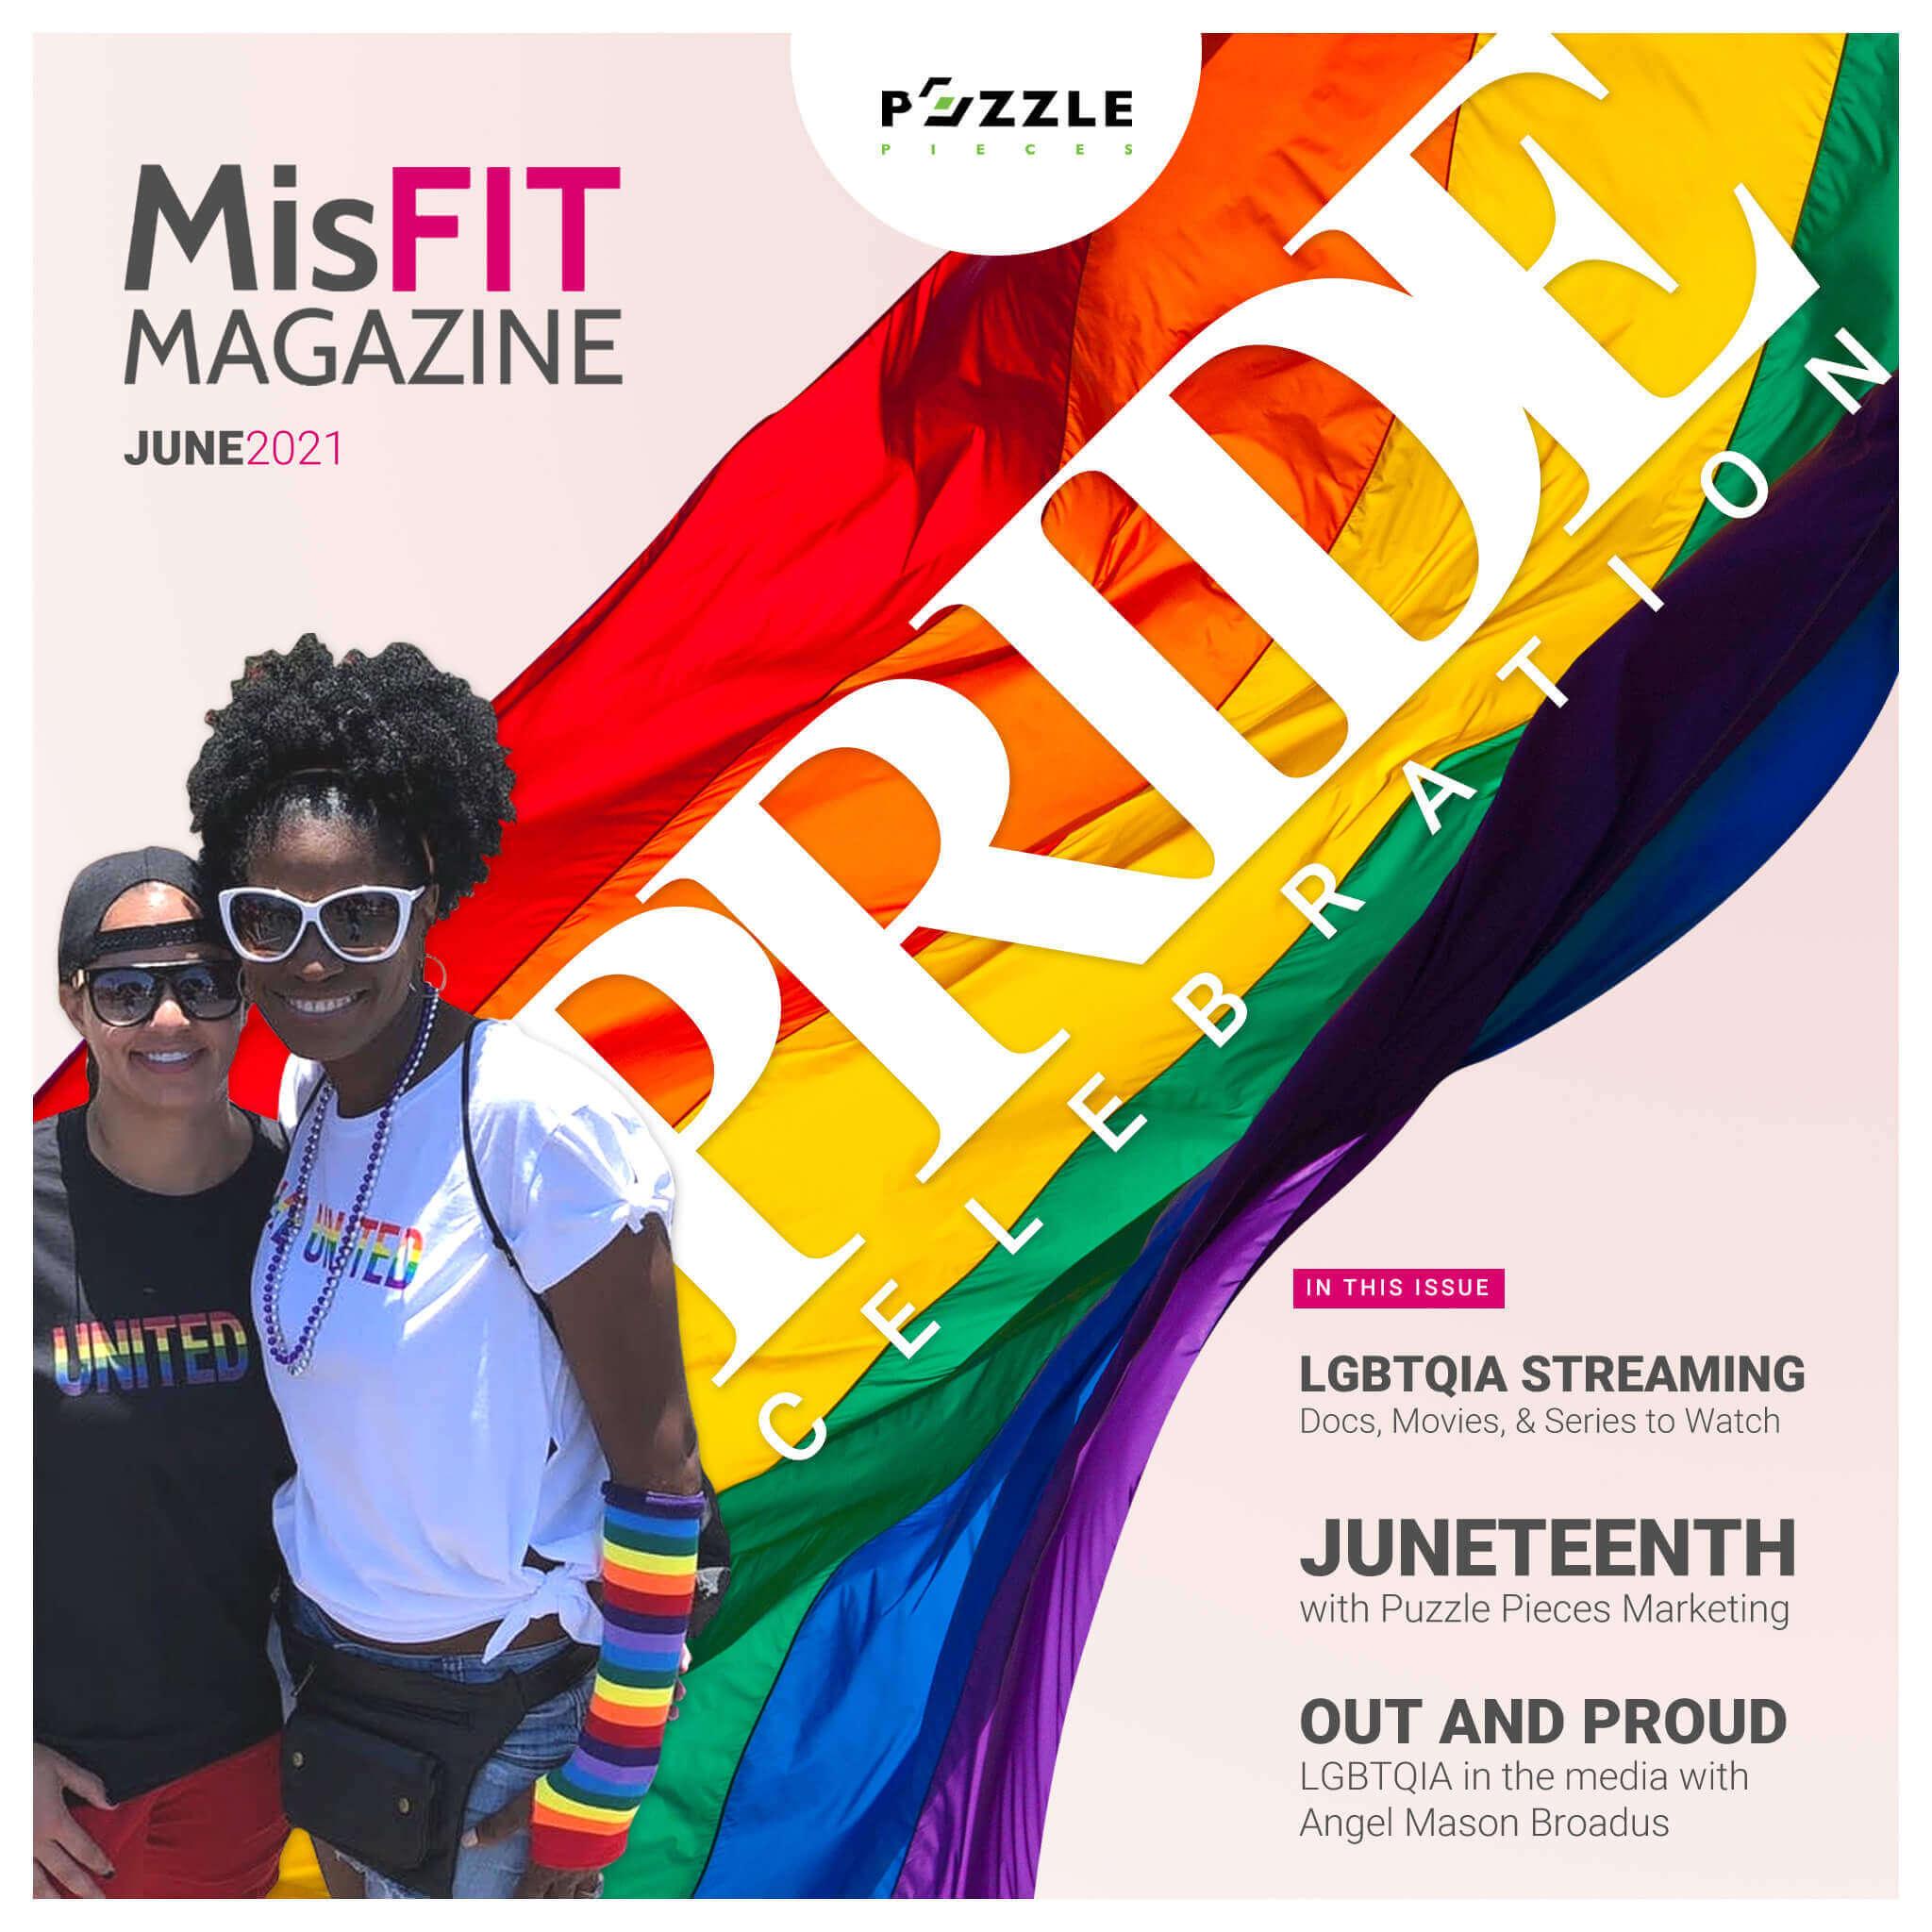 MisFit-Magazine-Pride Cove